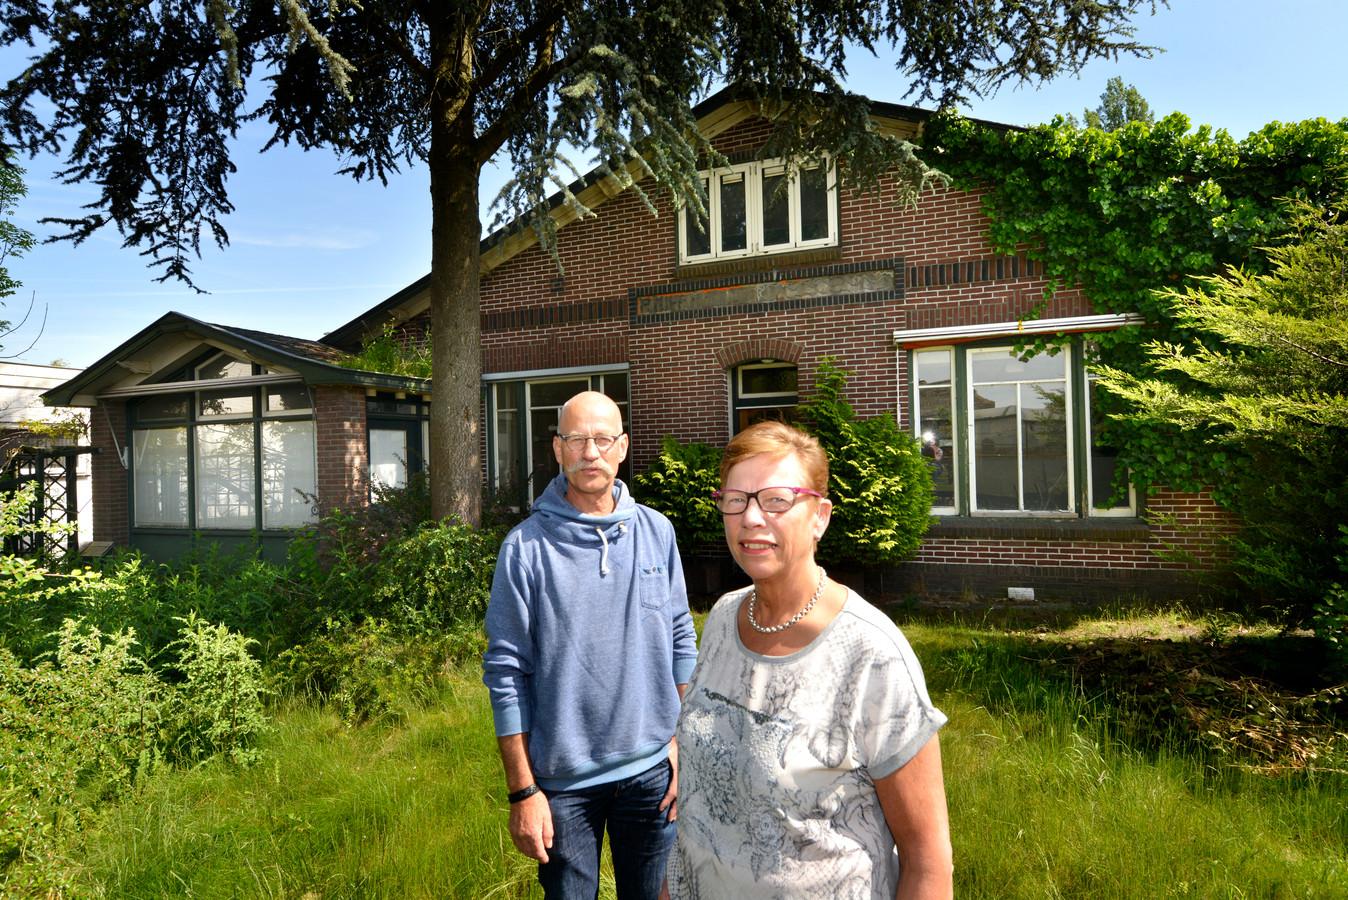 Co Baas en Coby van der Linden nemen met weemoed afscheid van Het Gebouw, samen met alle andere Schalkwijkers die hier lief en leed hebben gedeeld.